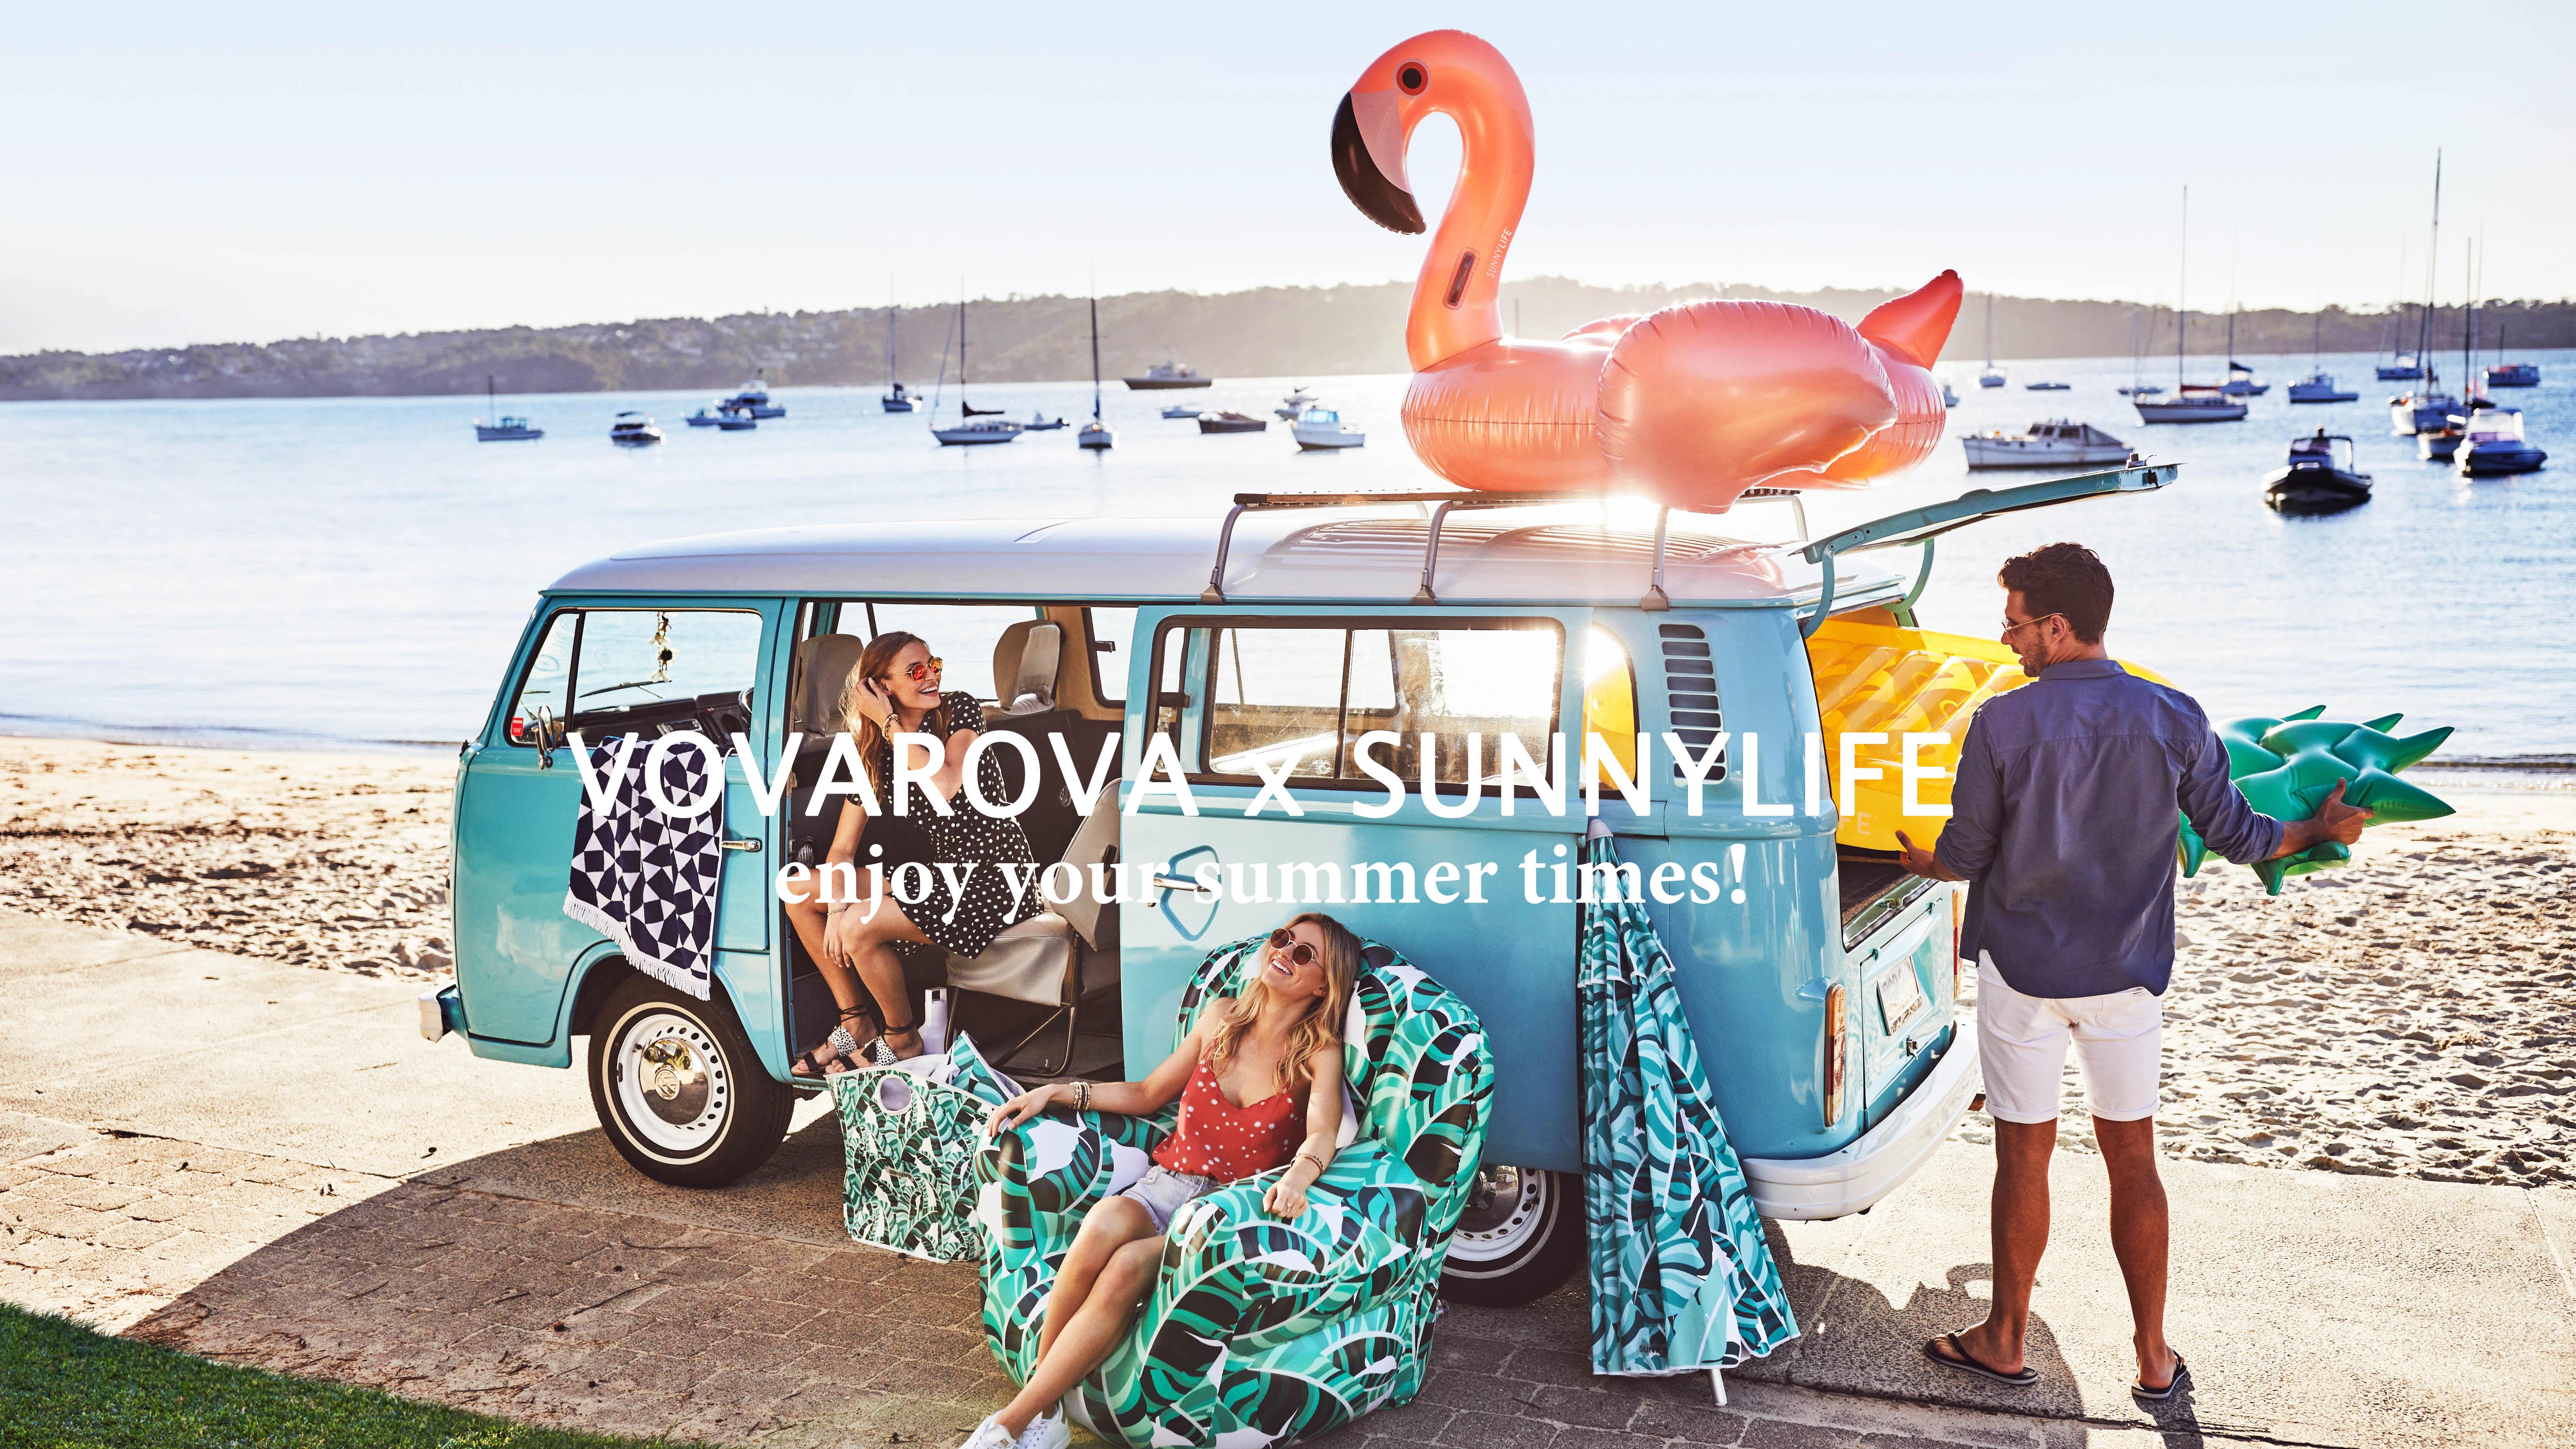 vovarova-x-sunnylife-banner-3.jpg